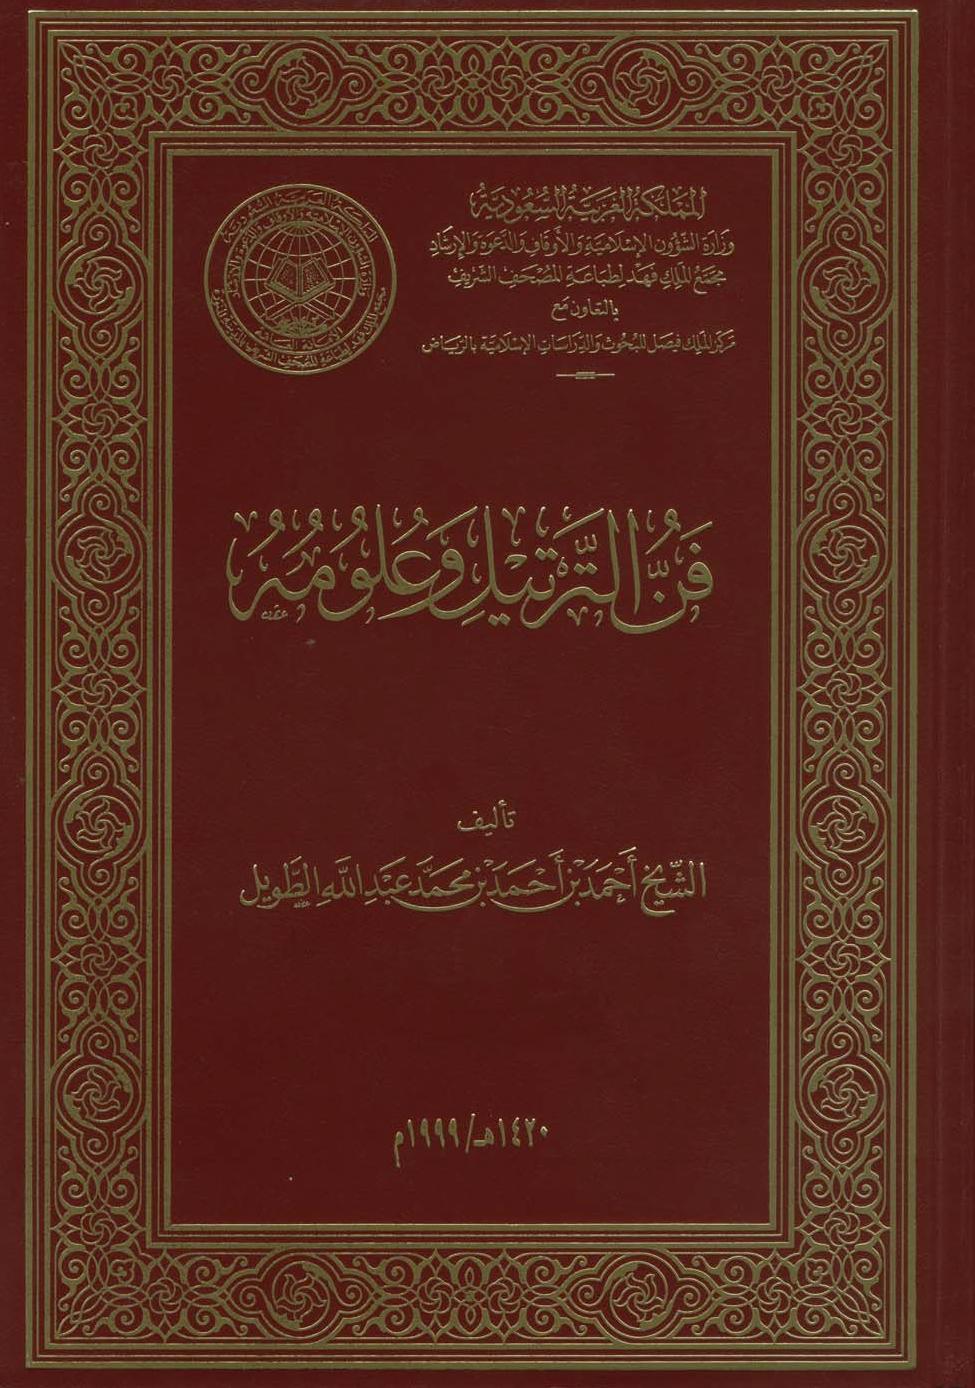 تحميل كتاب فن الترتيل وعلومه لـِ: الدكتور أحمد بن أحمد بن محمد عبد الله الطويل